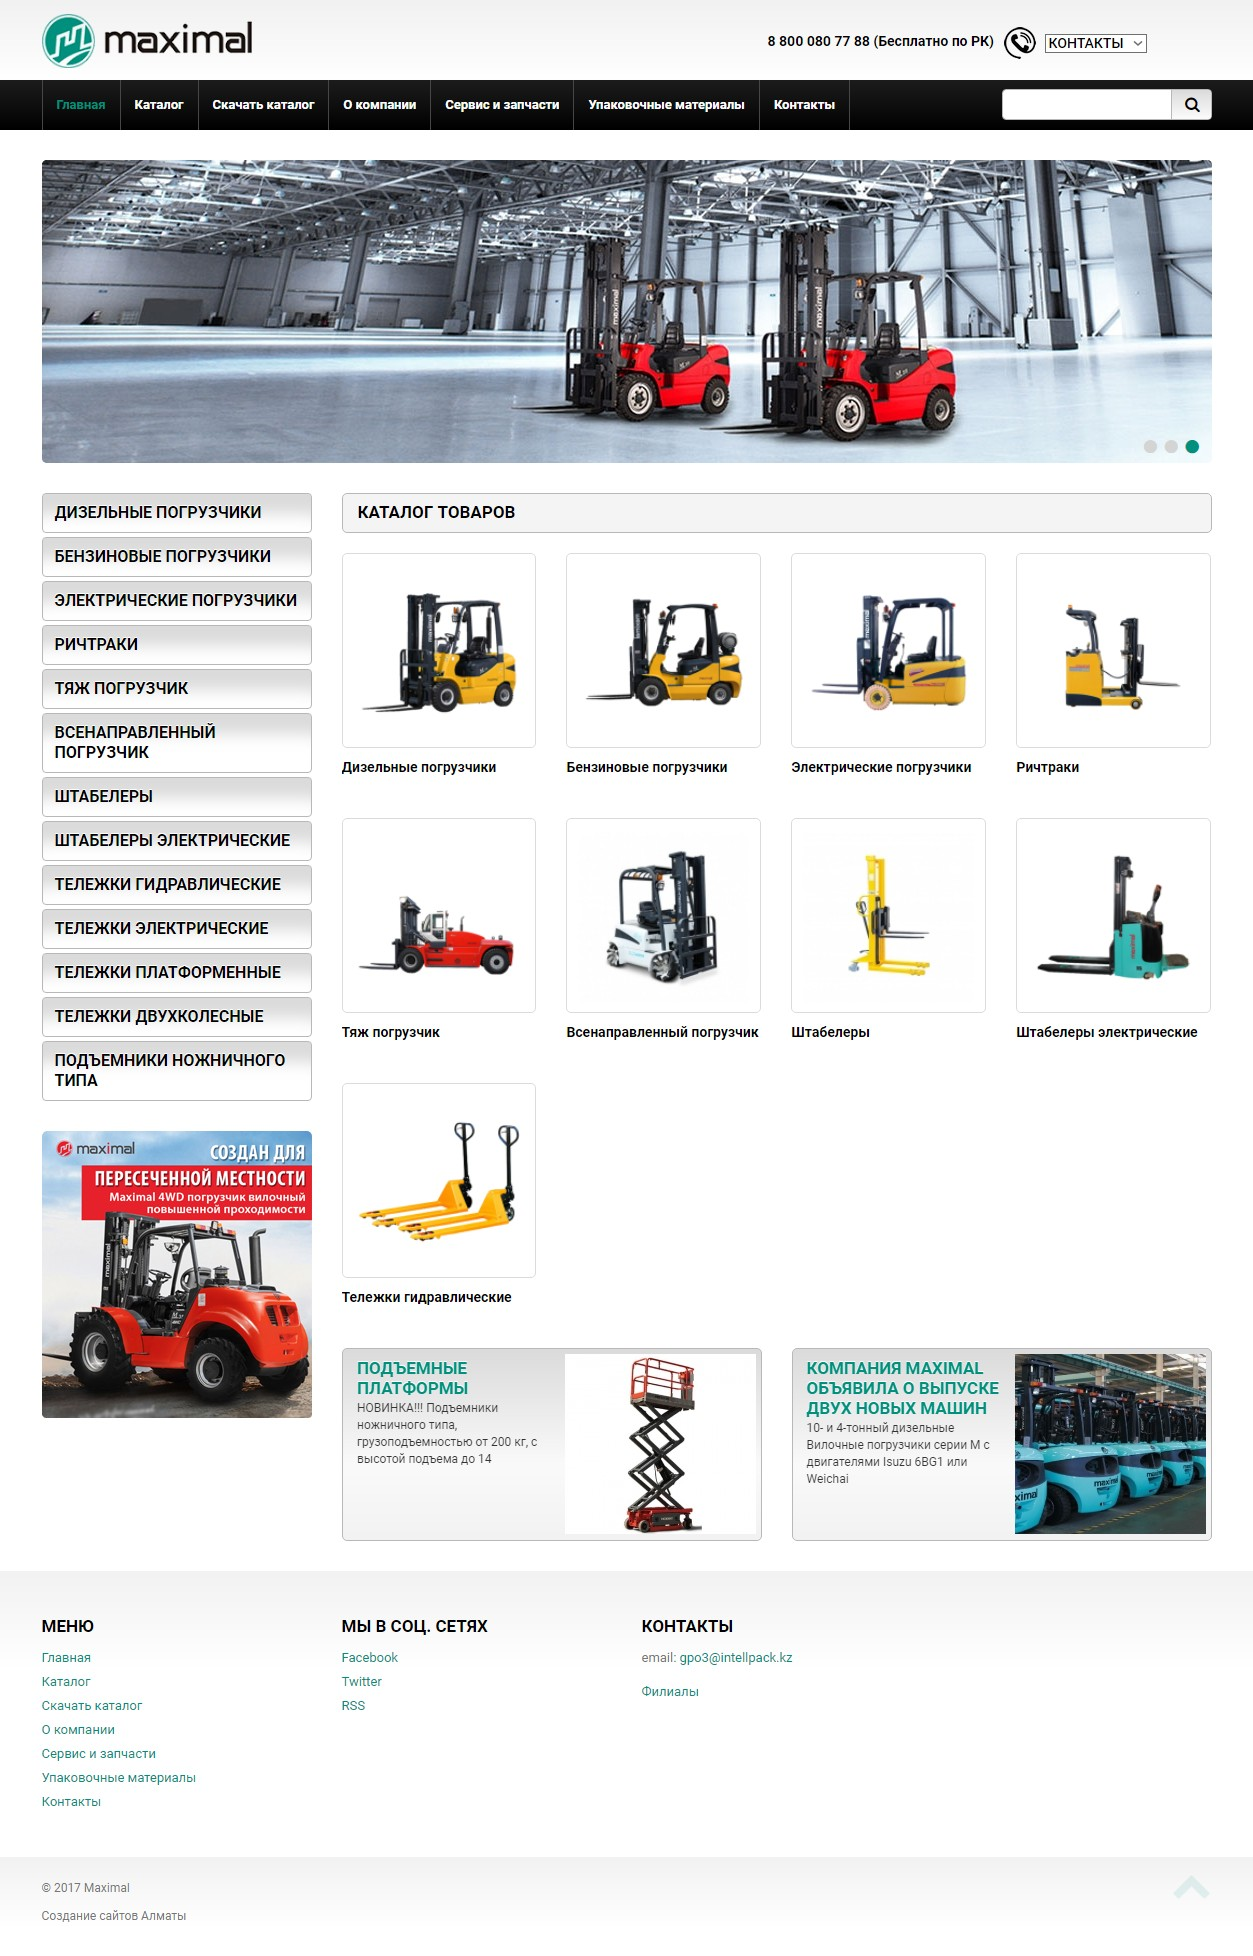 Корпоративный сайт с каталогом товаров компании Maximal